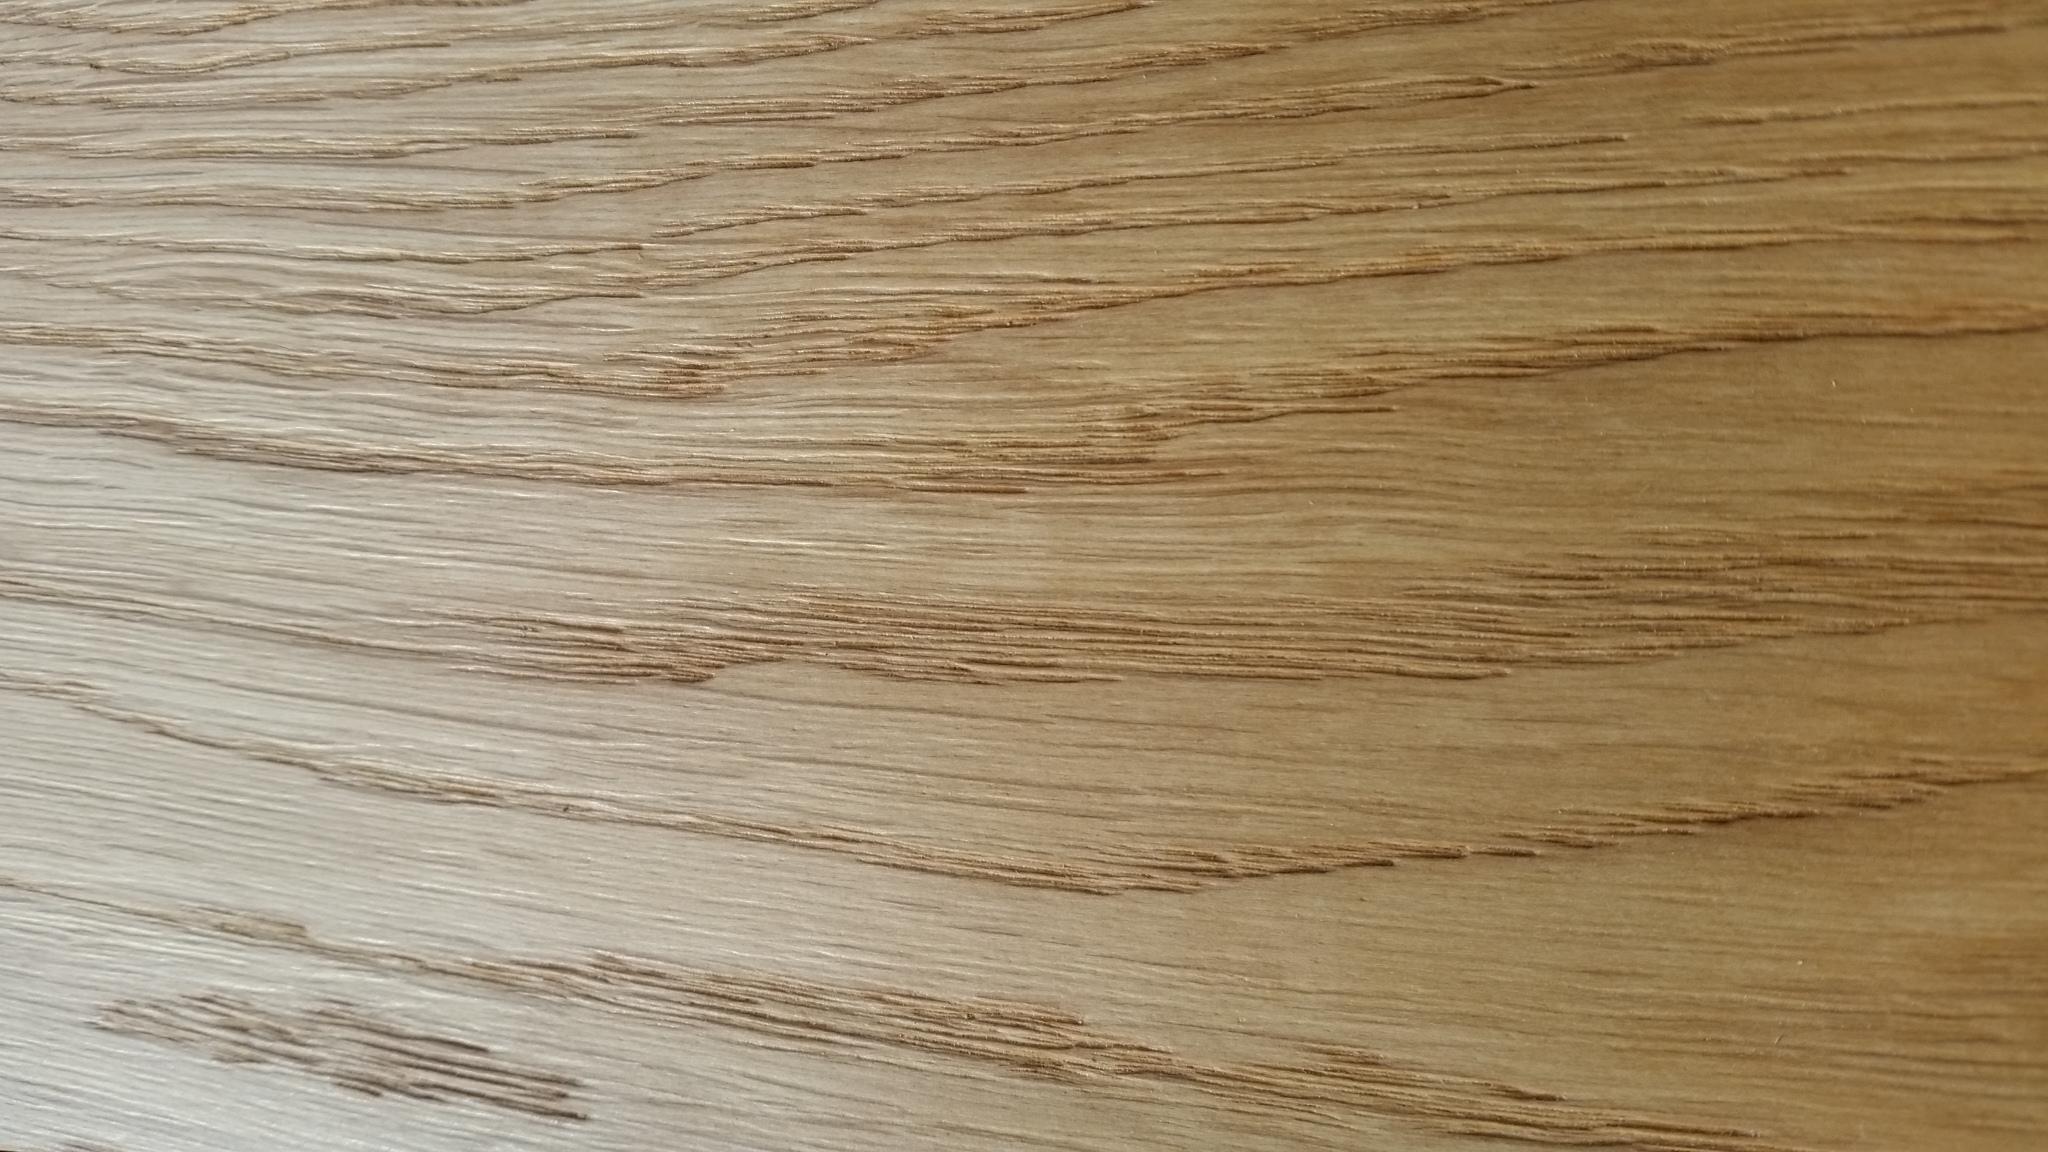 Saicos õlitoonid | 3305 Naturaalne toonharjatud Colorless tonebrushed